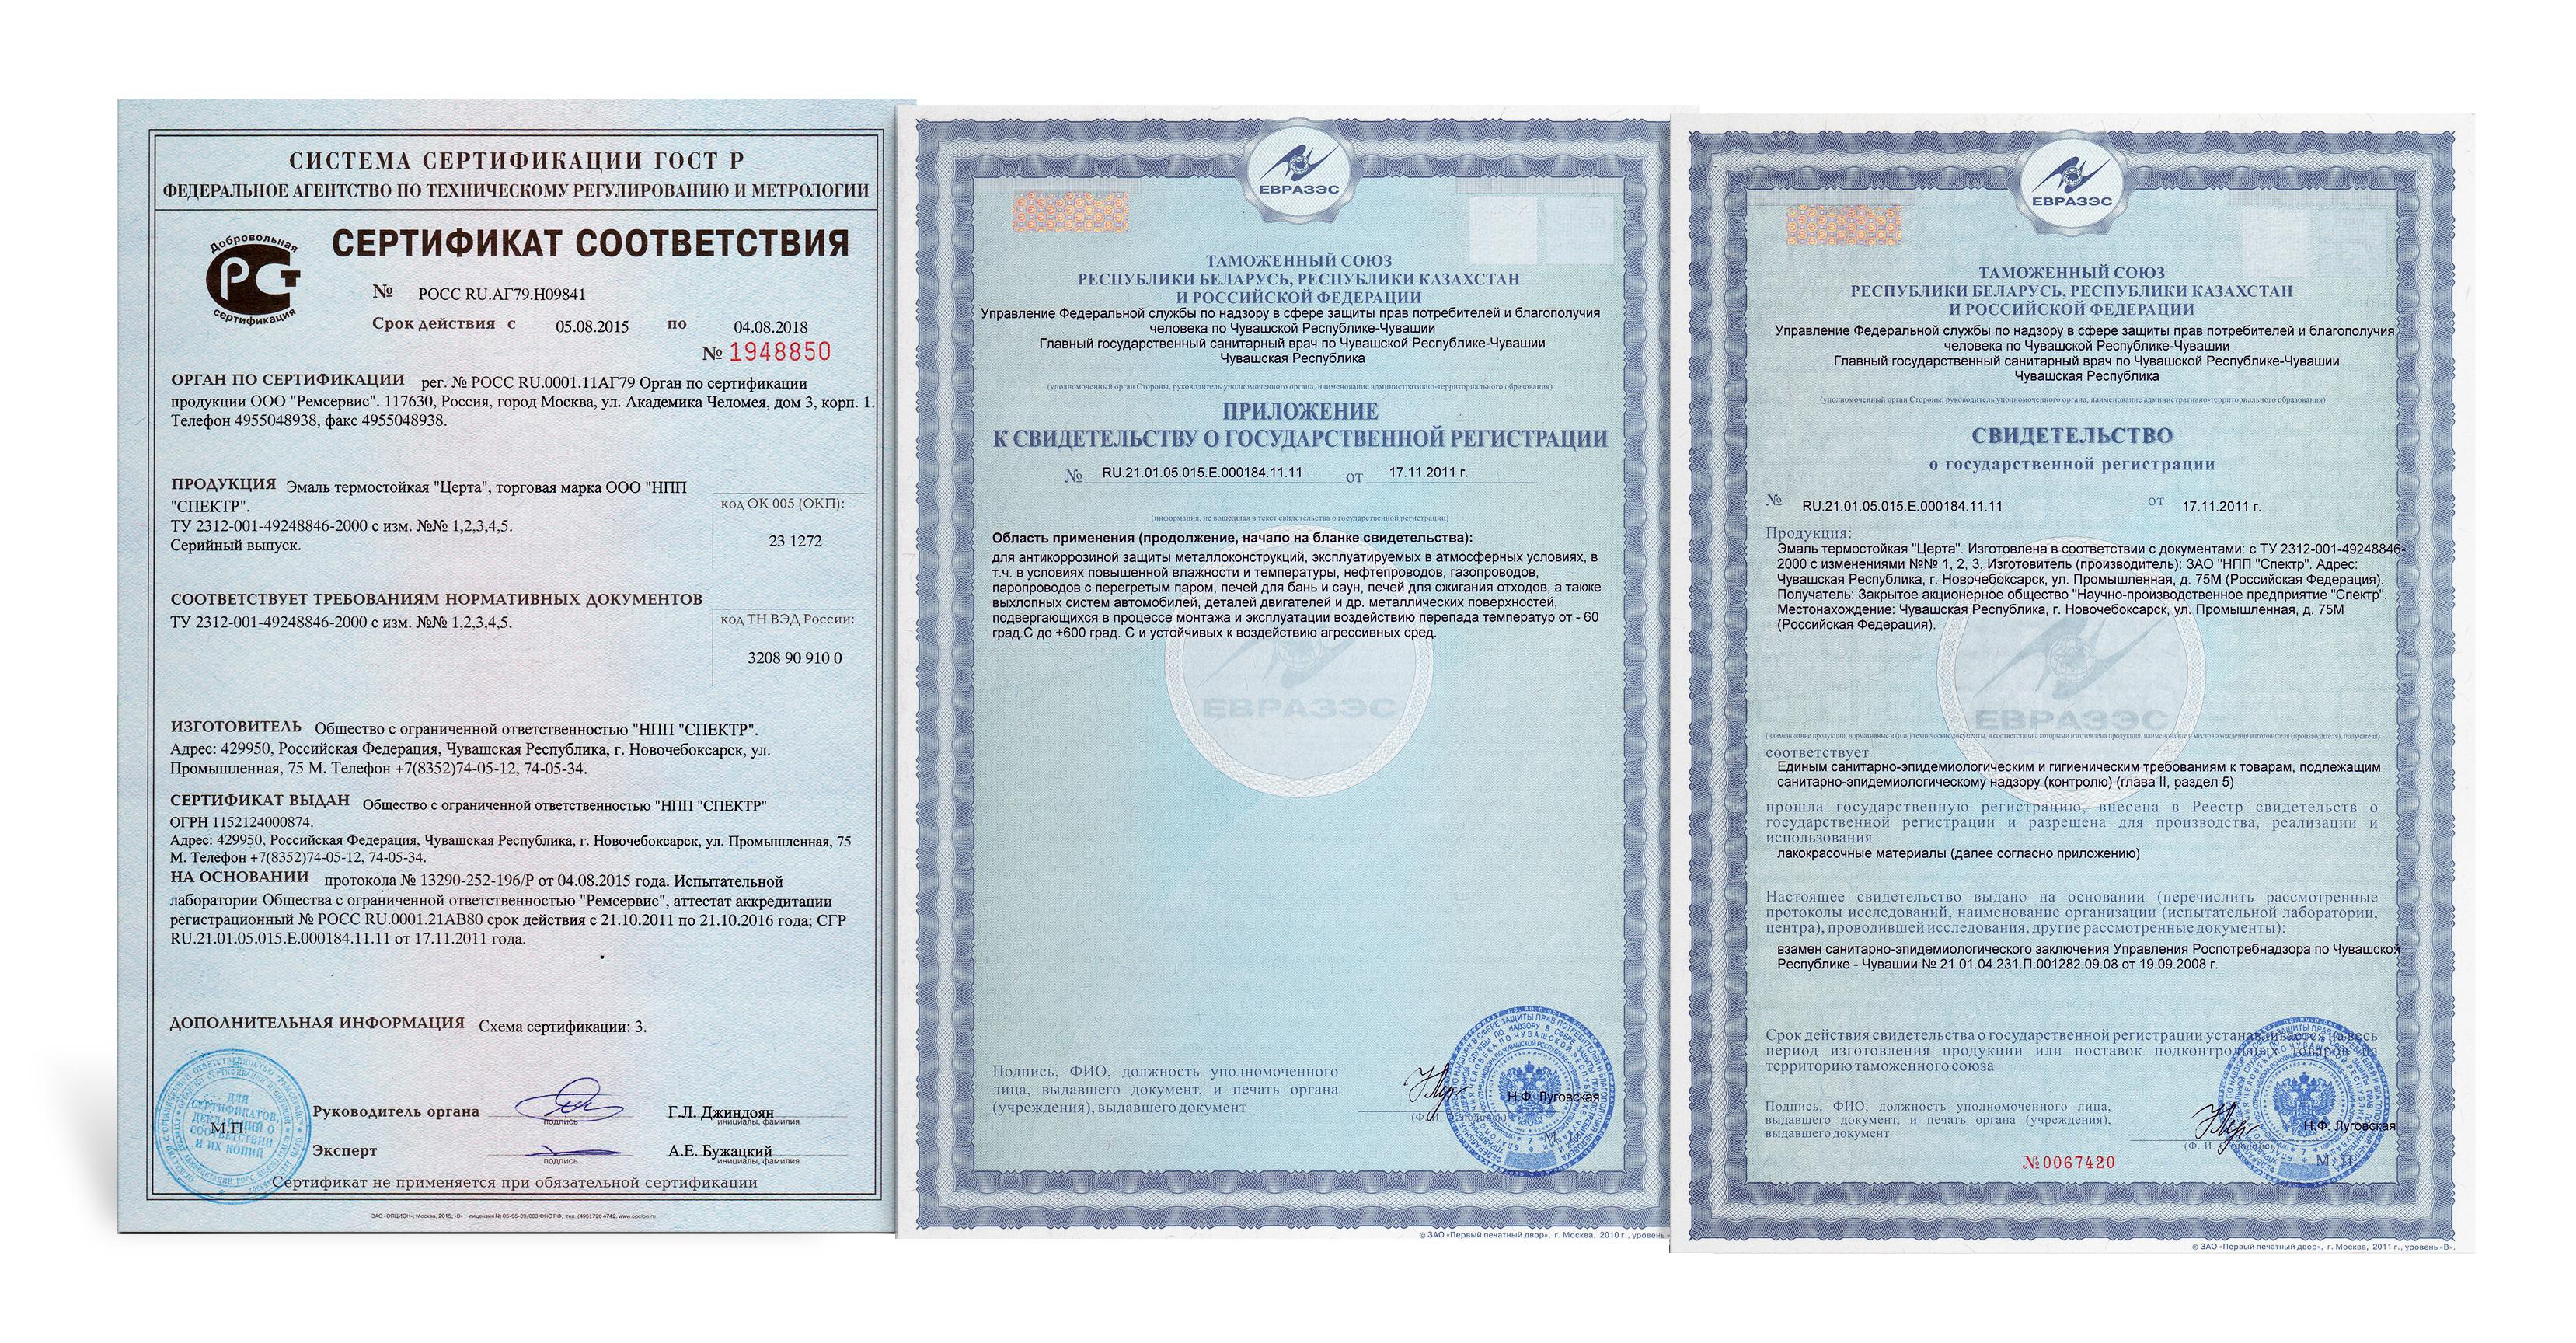 Сертифицированная термостойкая антикоррозионная краска эмаль Certa для долговечной защиты металла Воронеж